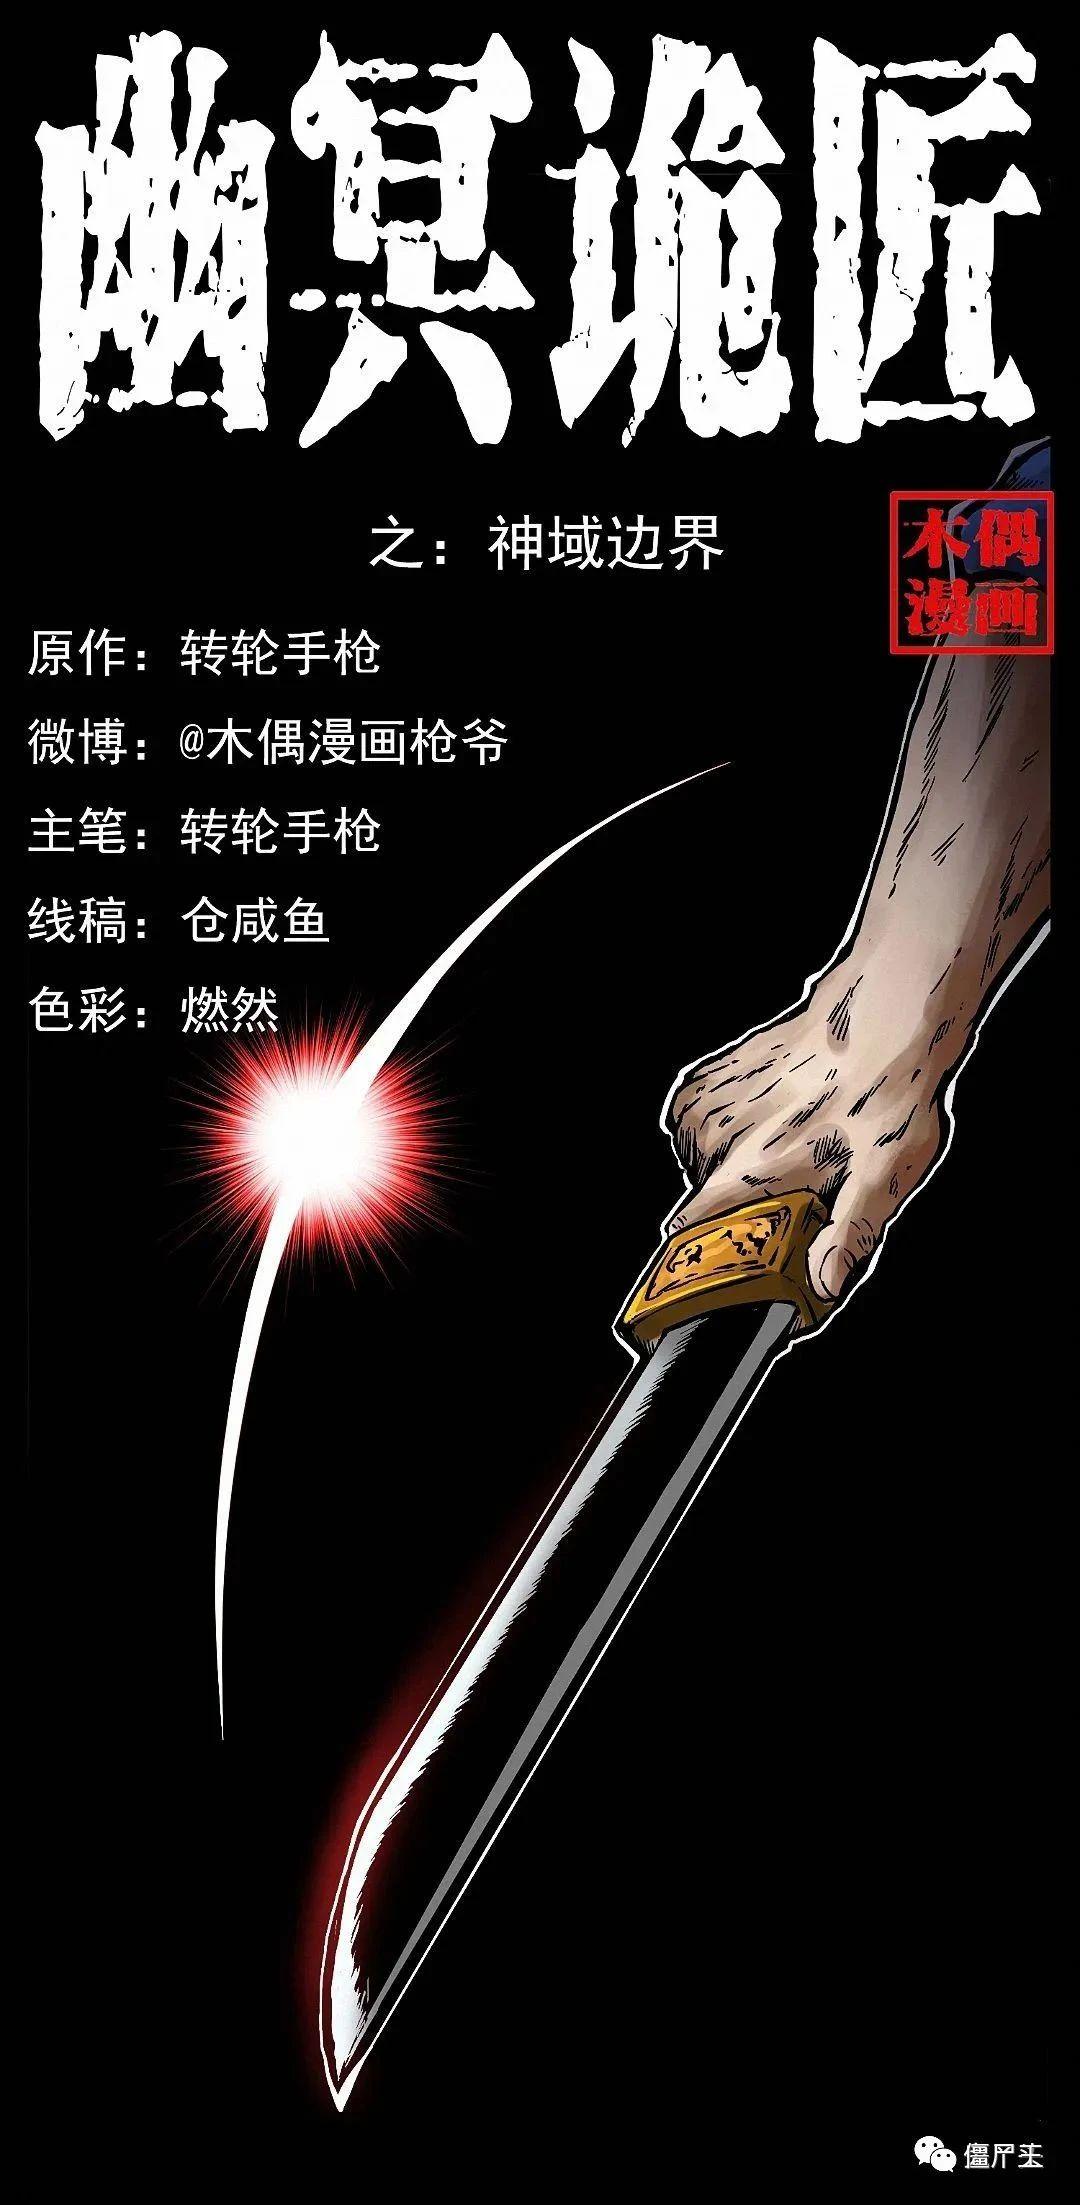 僵尸王漫画:幽冥诡匠之神域边界